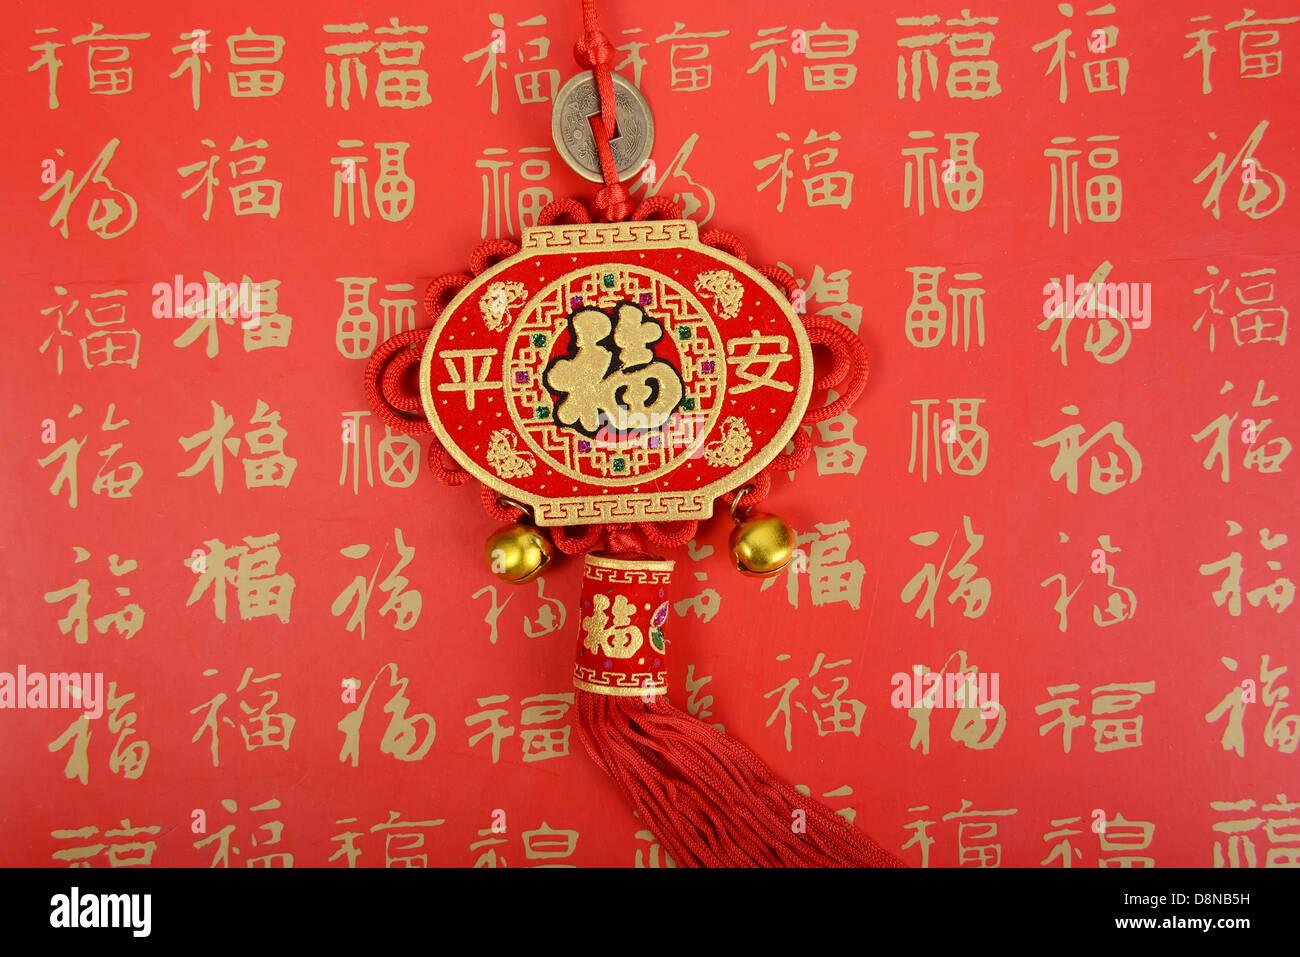 Chinesisches Neujahr-Ornament auf weißem Hintergrund, Kalligraphie ...